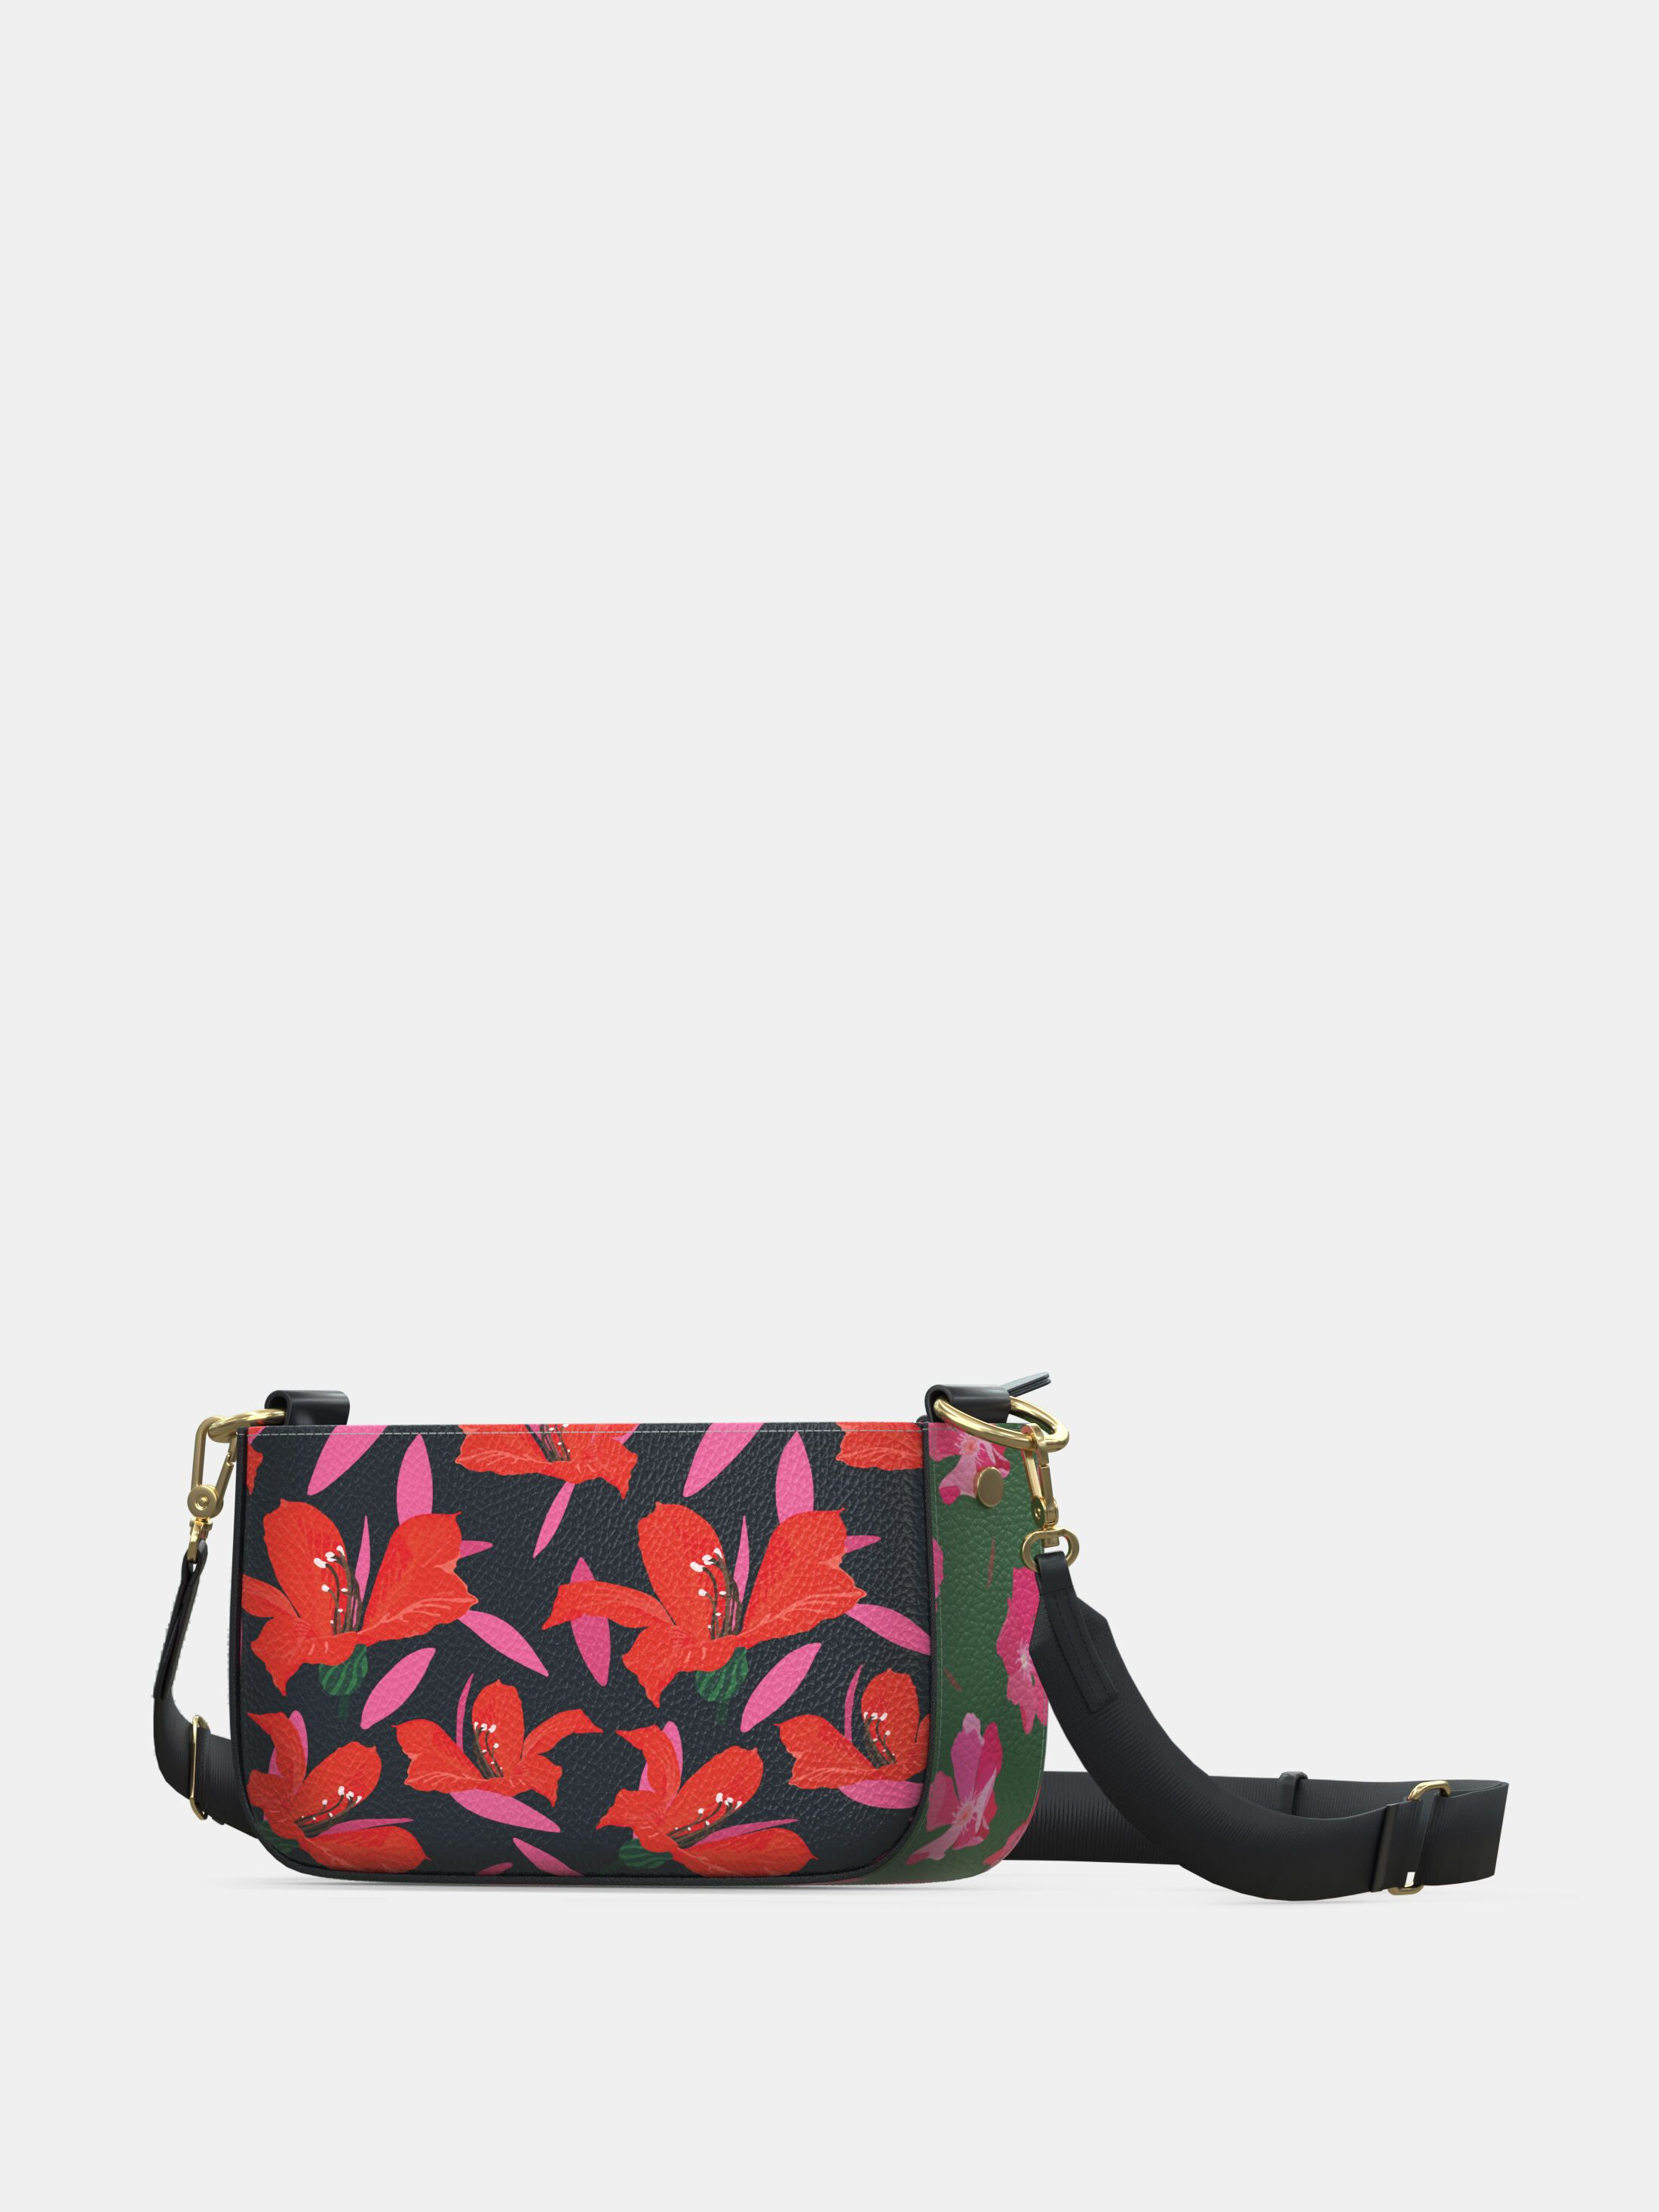 zip box bag custom printed